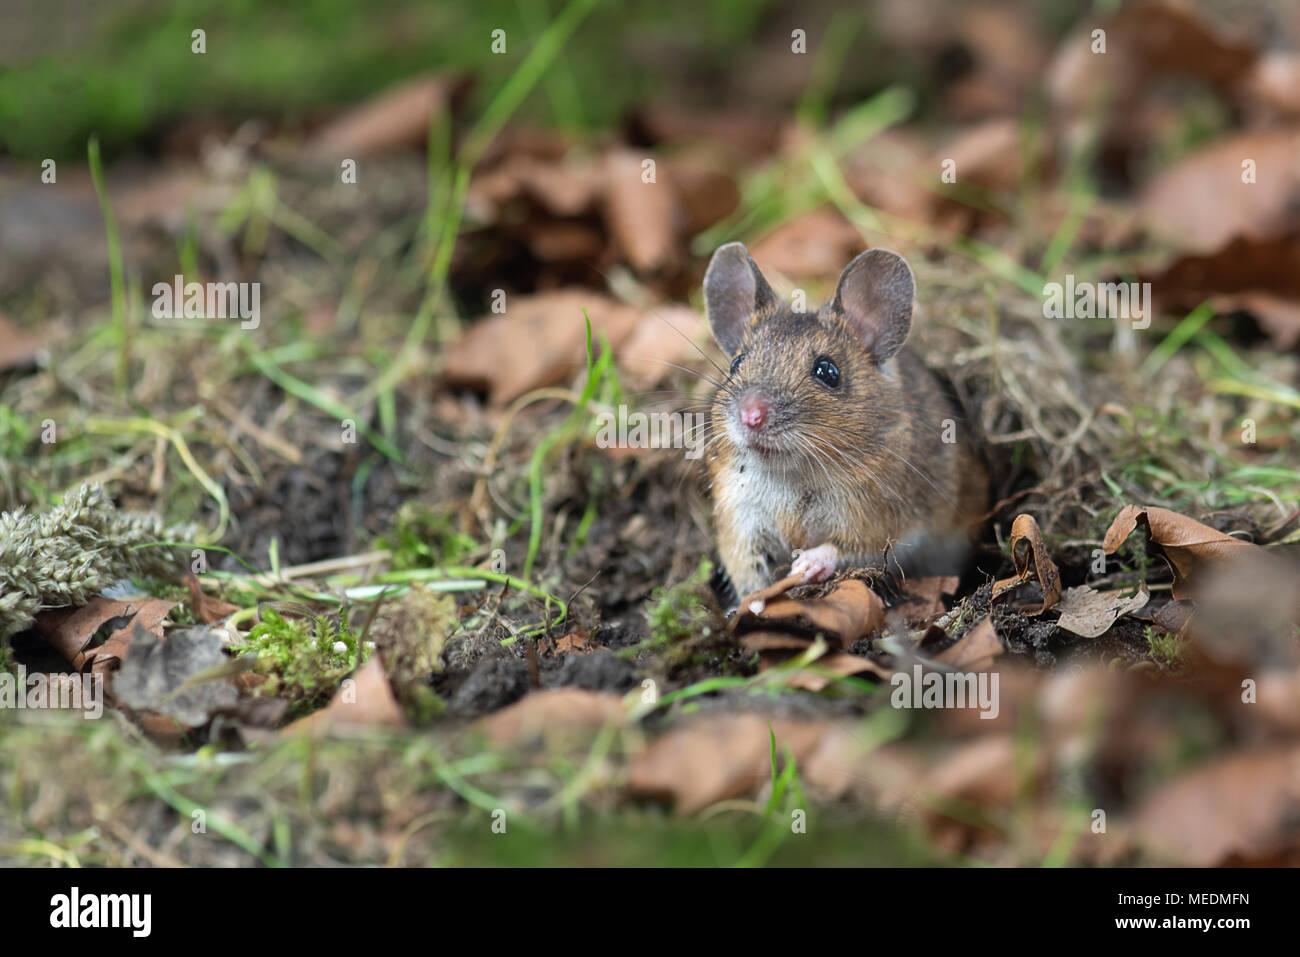 Ruhig sitzt auf dem Waldboden und Suchen alert aus der Fauna ist dieses HOLZ MAUS APODEMUS sylvaticuse, das gemeinsame Nagetier aus E Stockbild